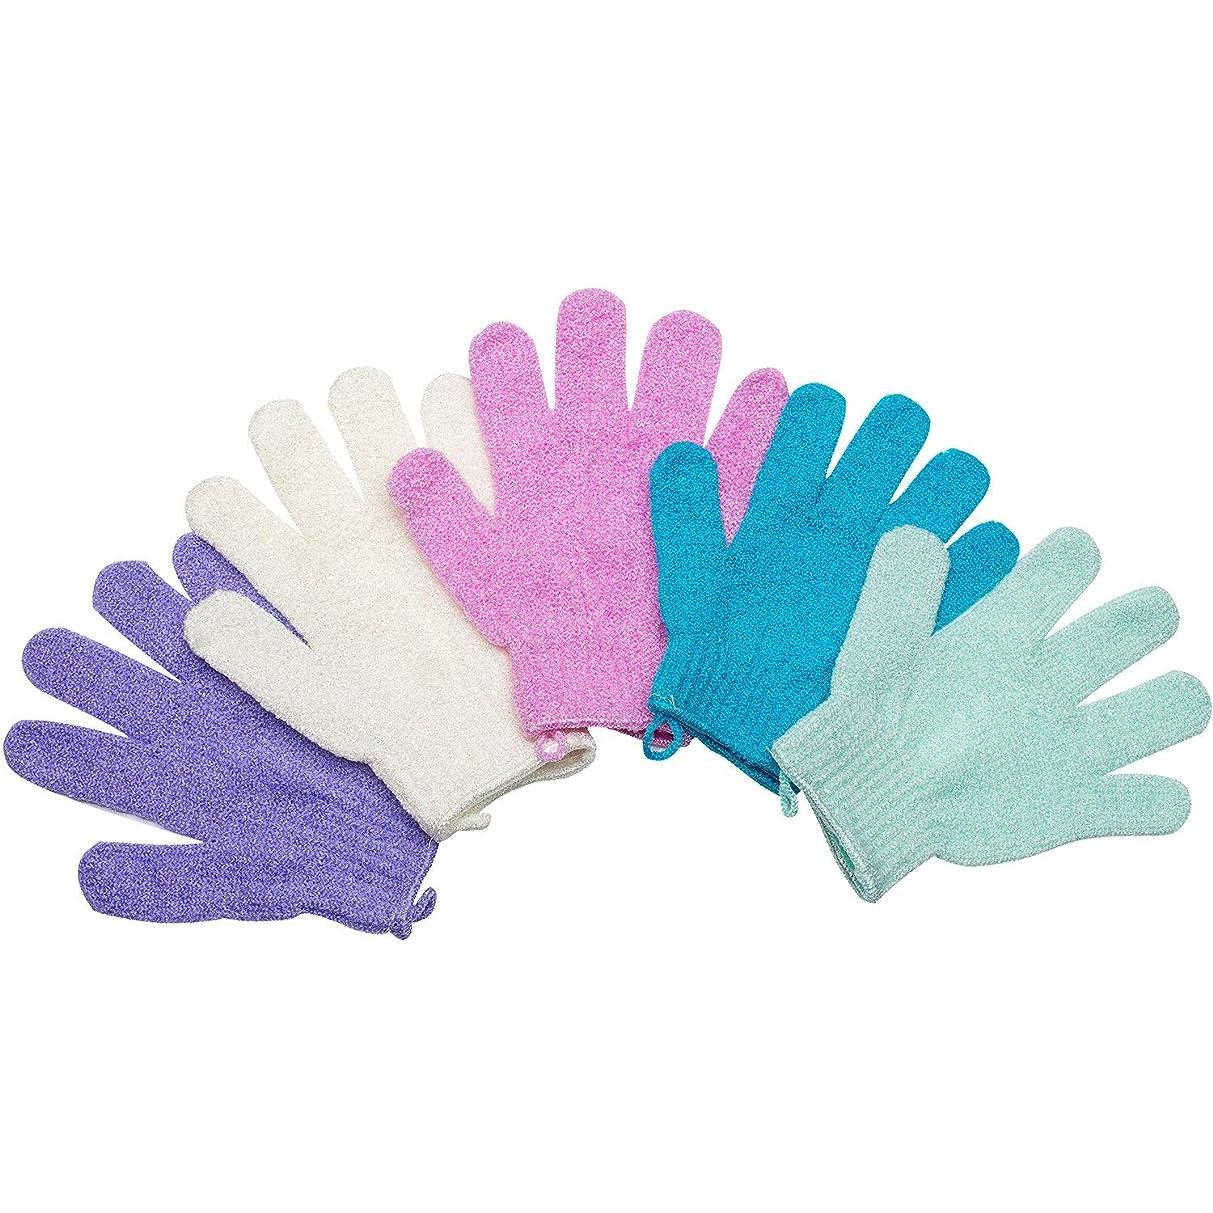 月豊富なバレエ5ペアセットお風呂用手袋 入浴用品 垢すり用グローブ 抗菌加工 角質除去 泡立ち 男女兼用 便利なループ付け